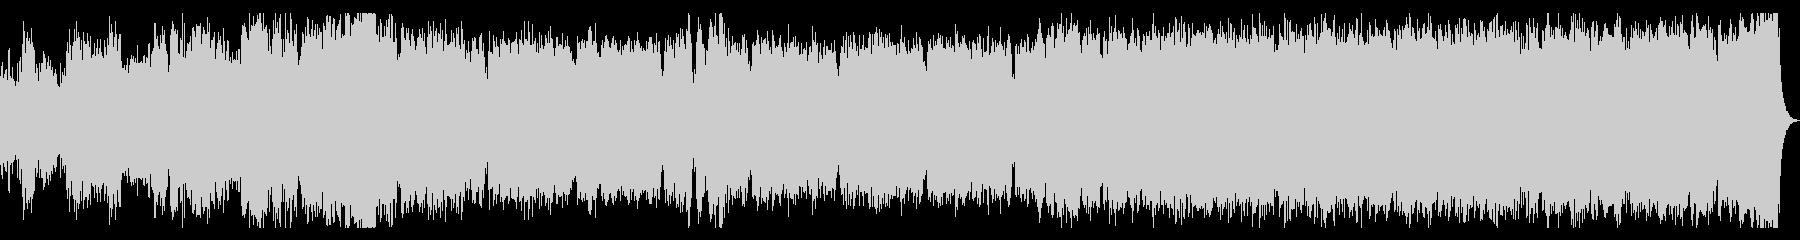 Oni_60secの未再生の波形